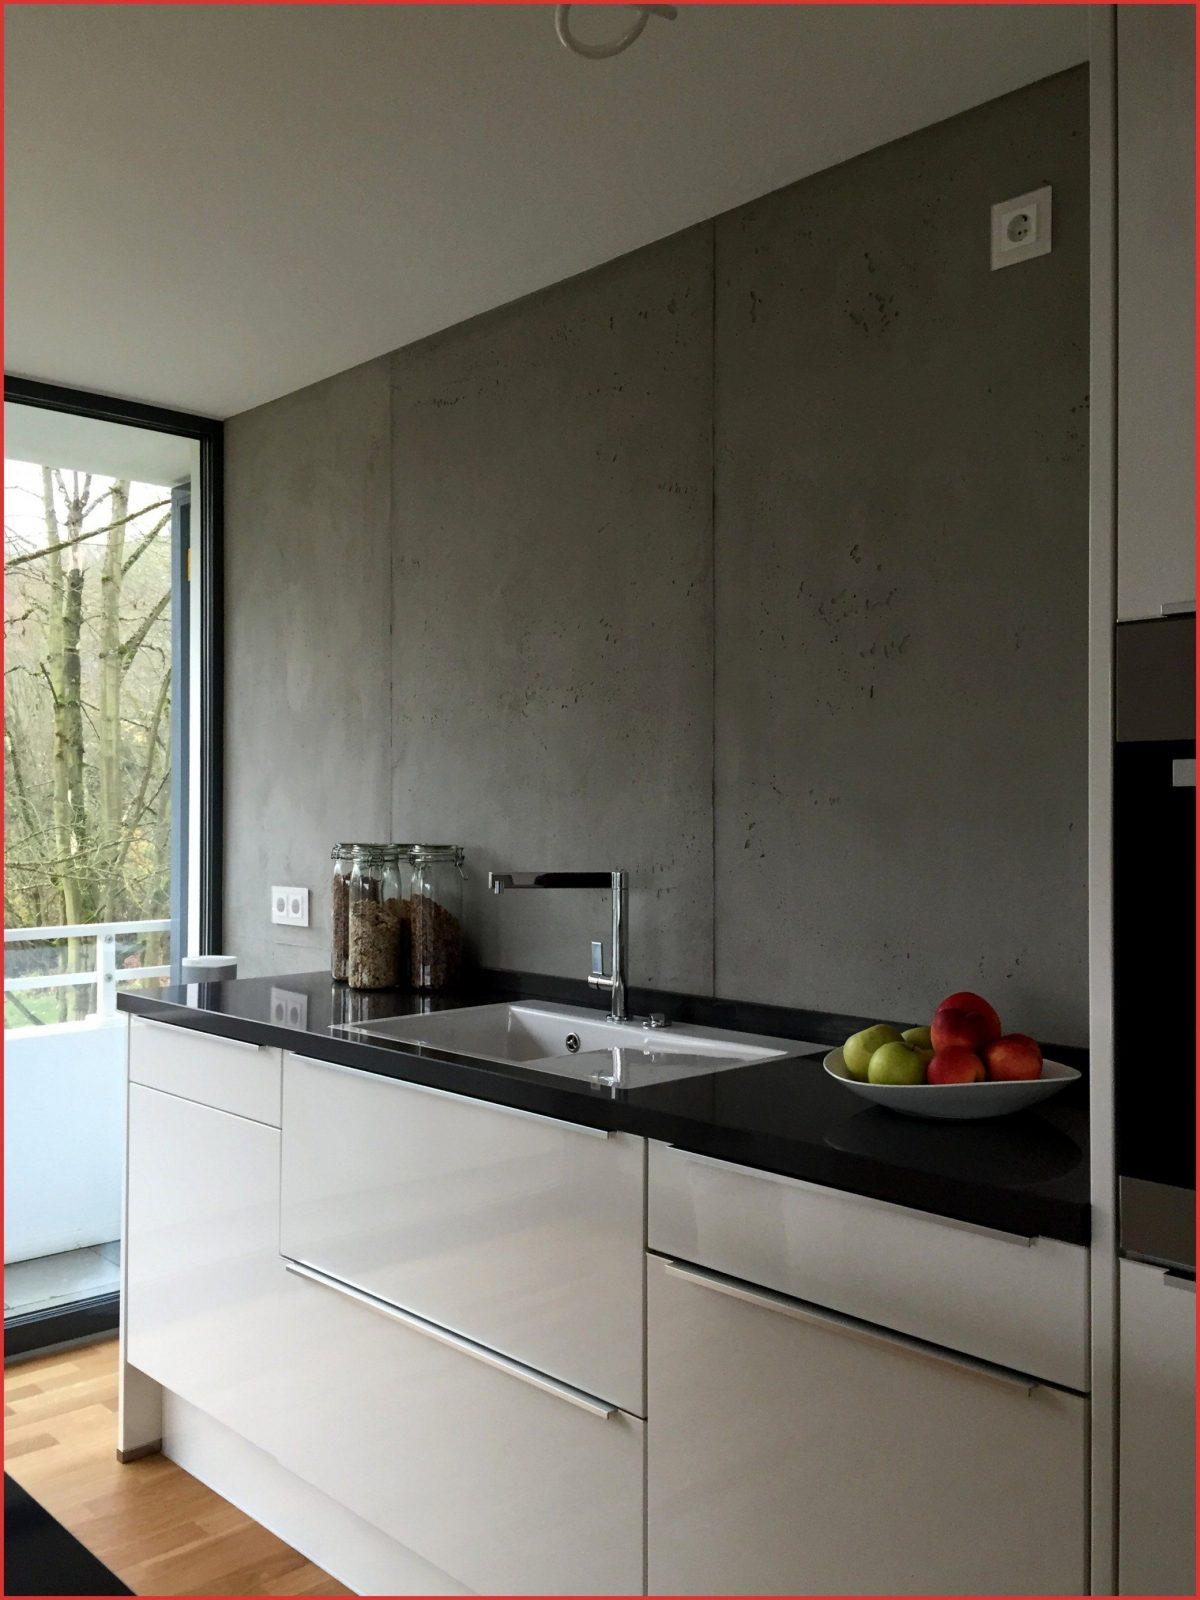 Küchenspiegel Fliesen 256852 Wandverkleidung Küche Selber Machen von Wandverkleidung Küche Selber Machen Bild